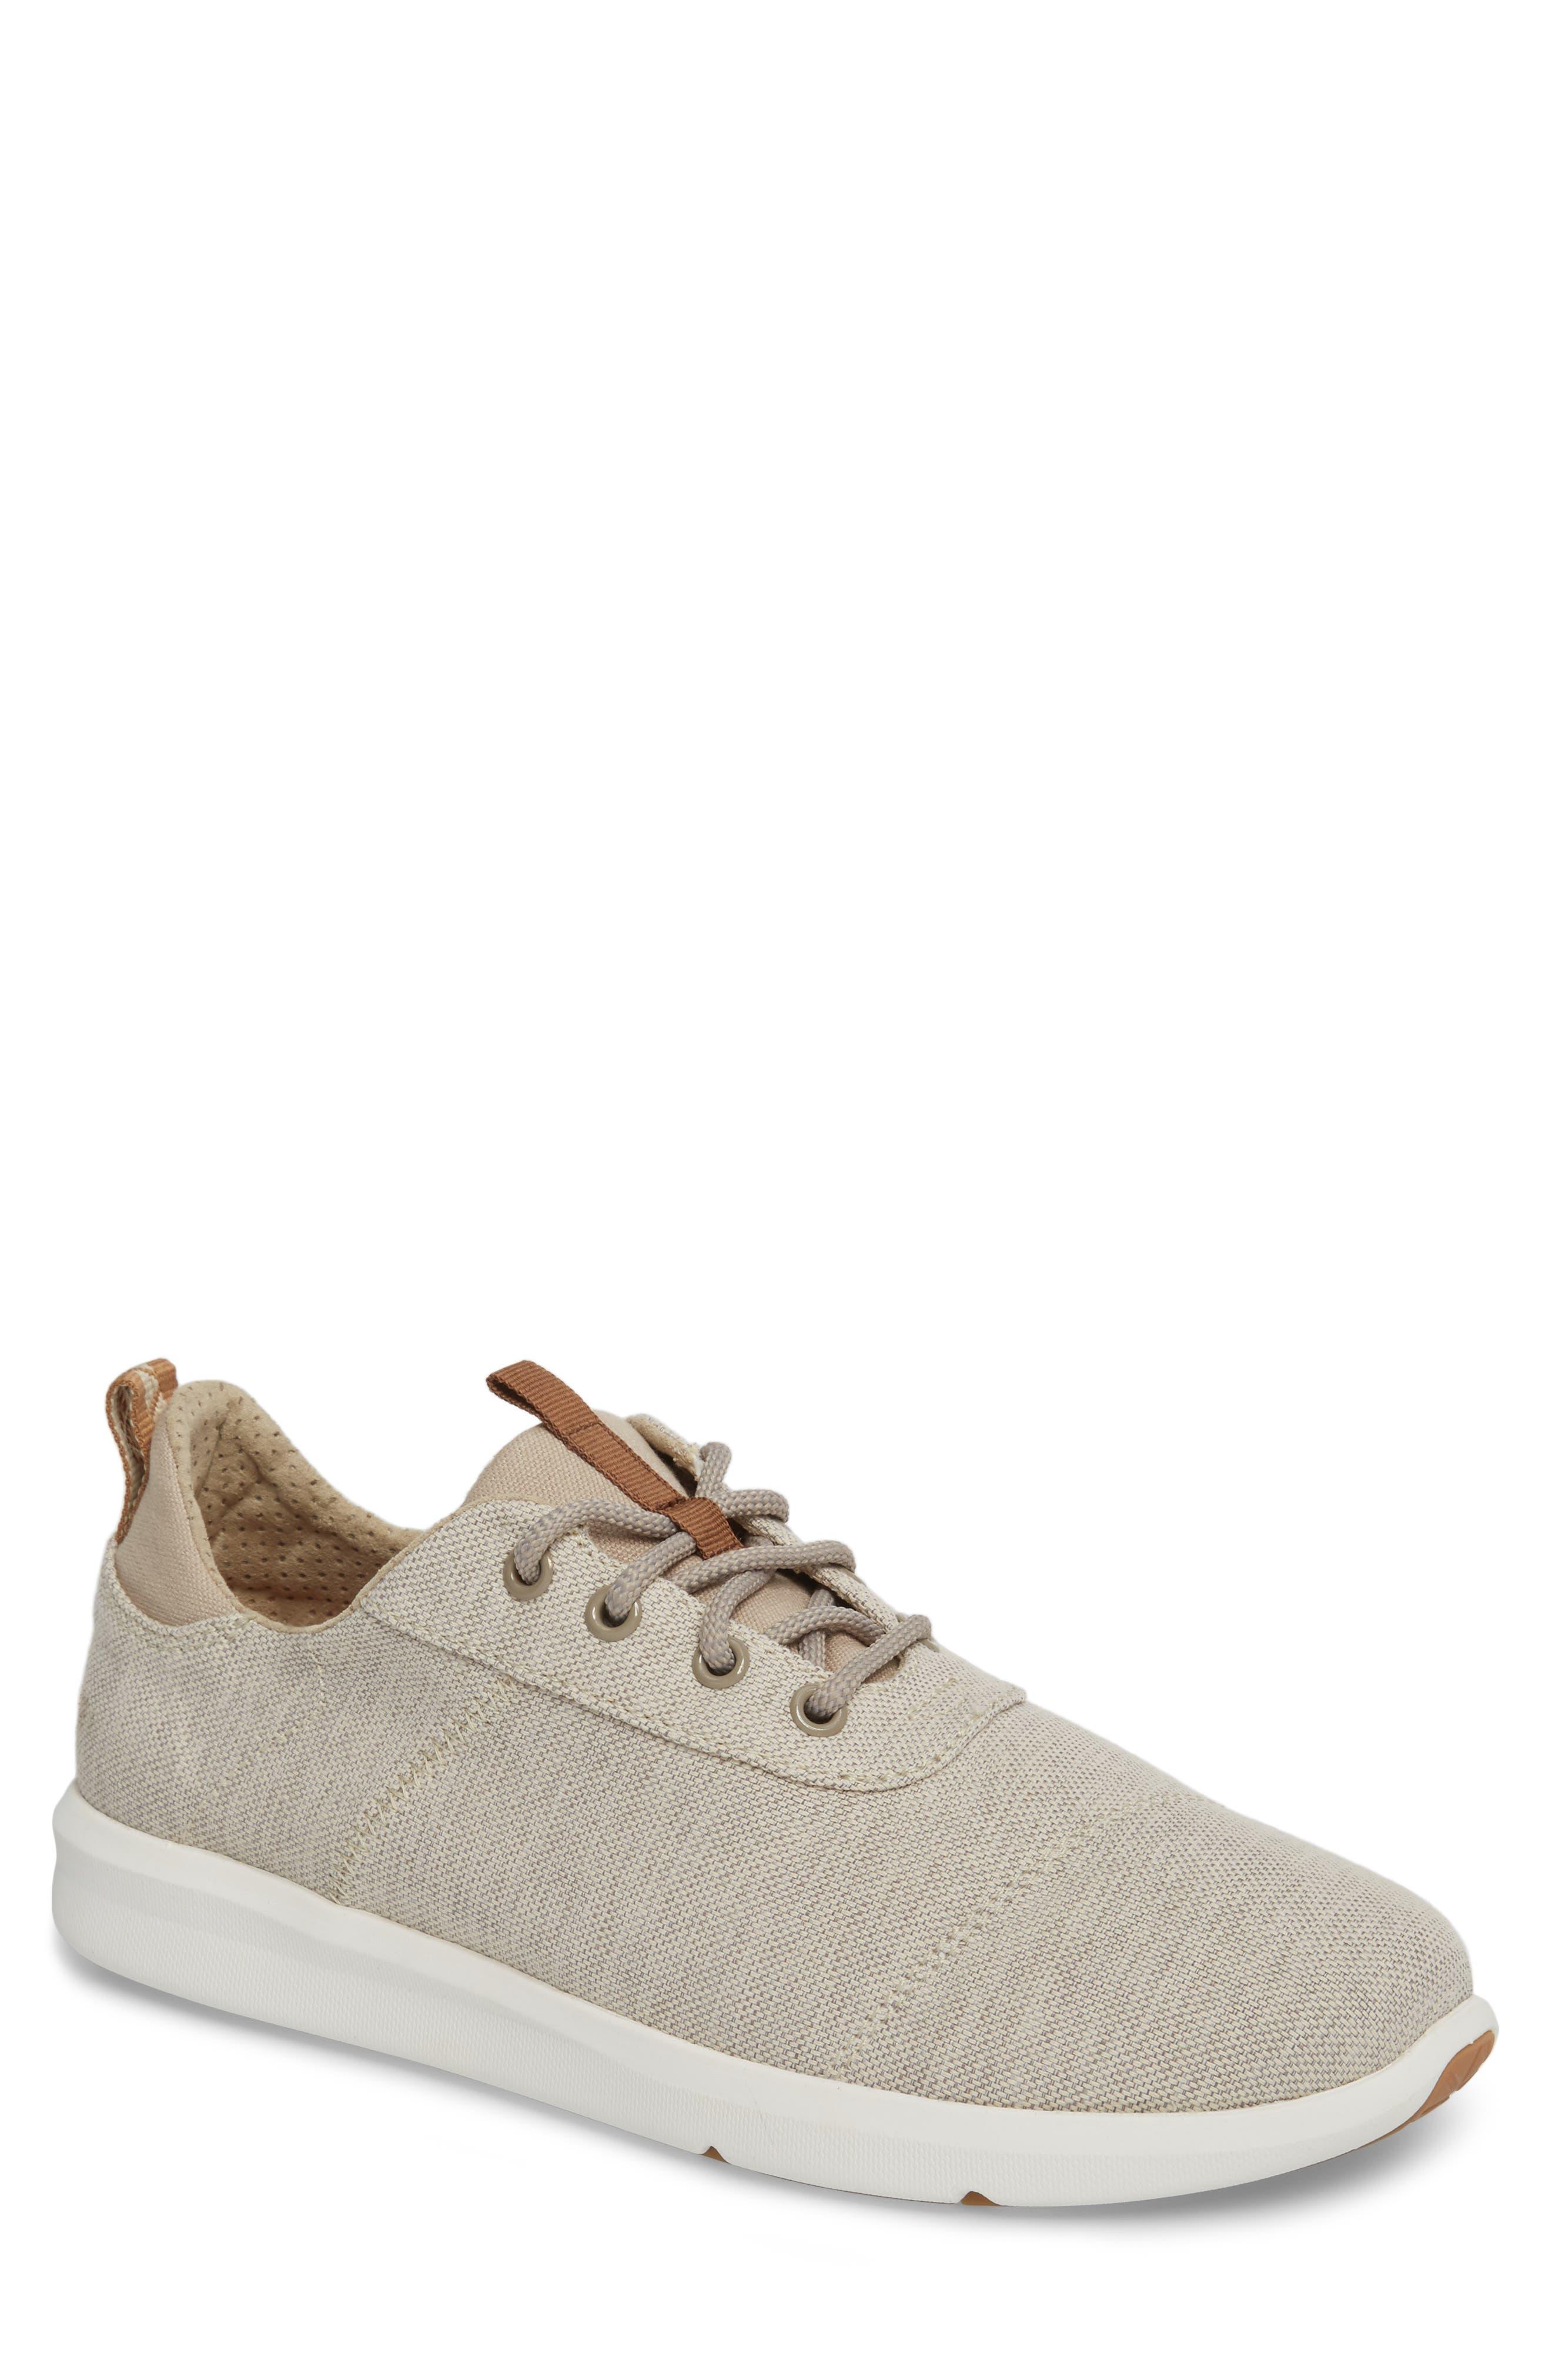 TOMS Cabrillo Sneaker (Men)